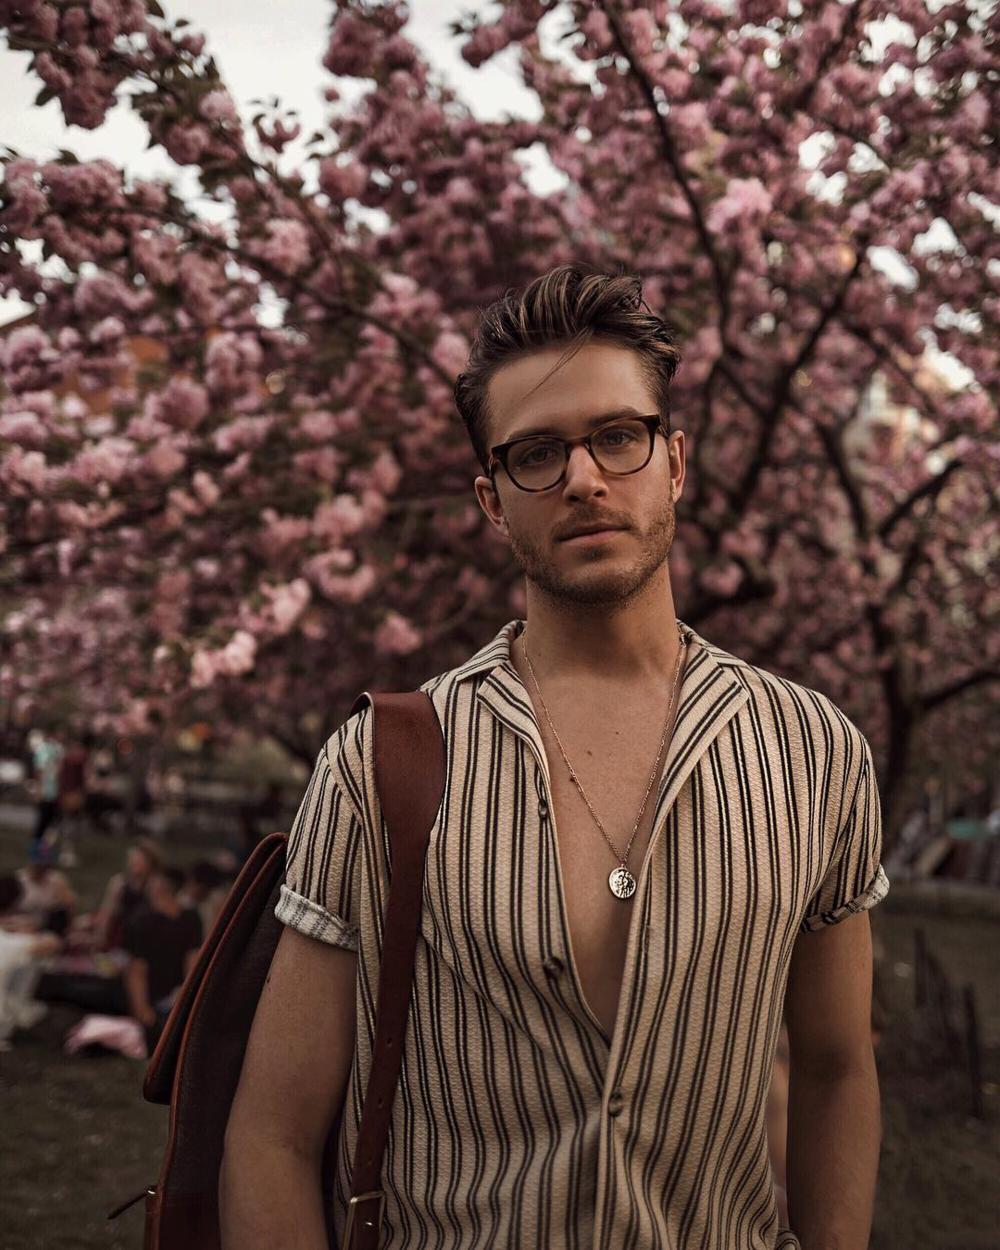 Adam Gallagher - NYC | Fashion, Lifestyle & Travel